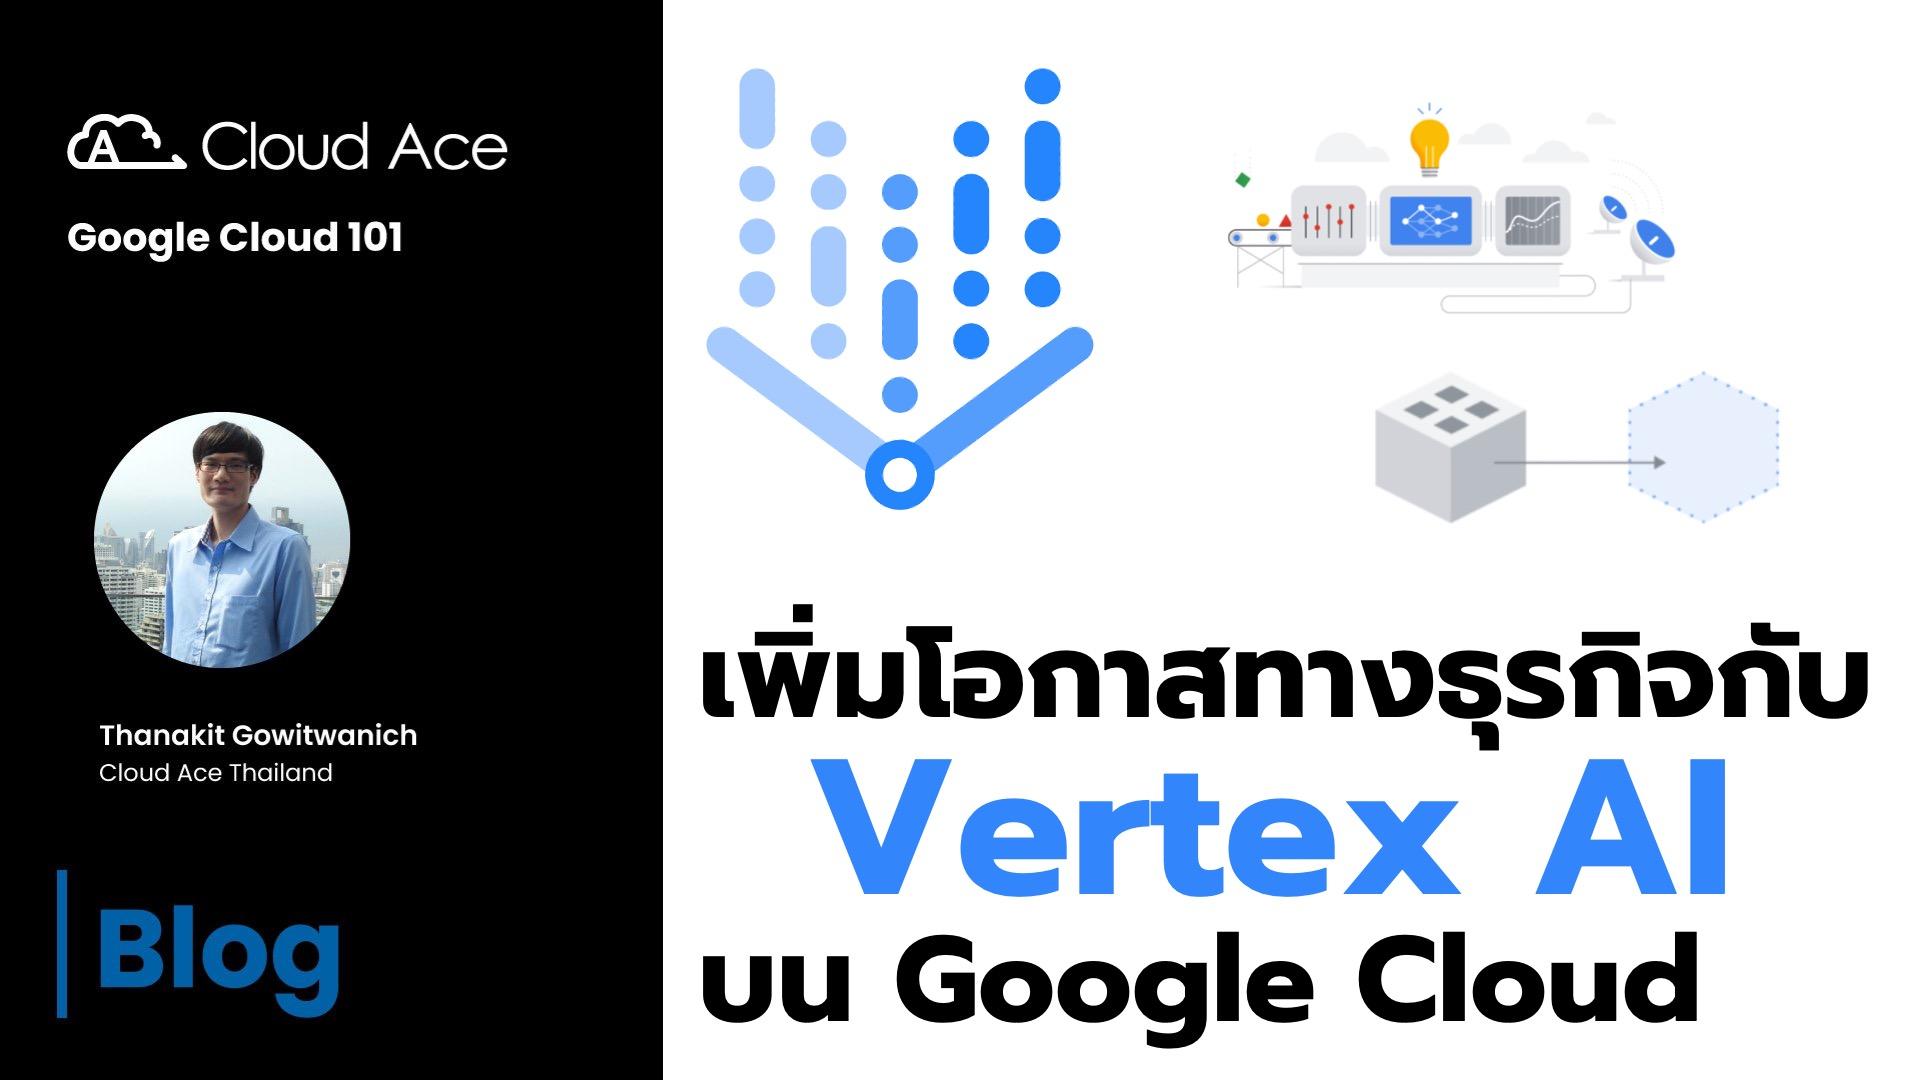 เพิ่มโอกาสทางธุรกิจกับ Vertex AI บน Google Cloud